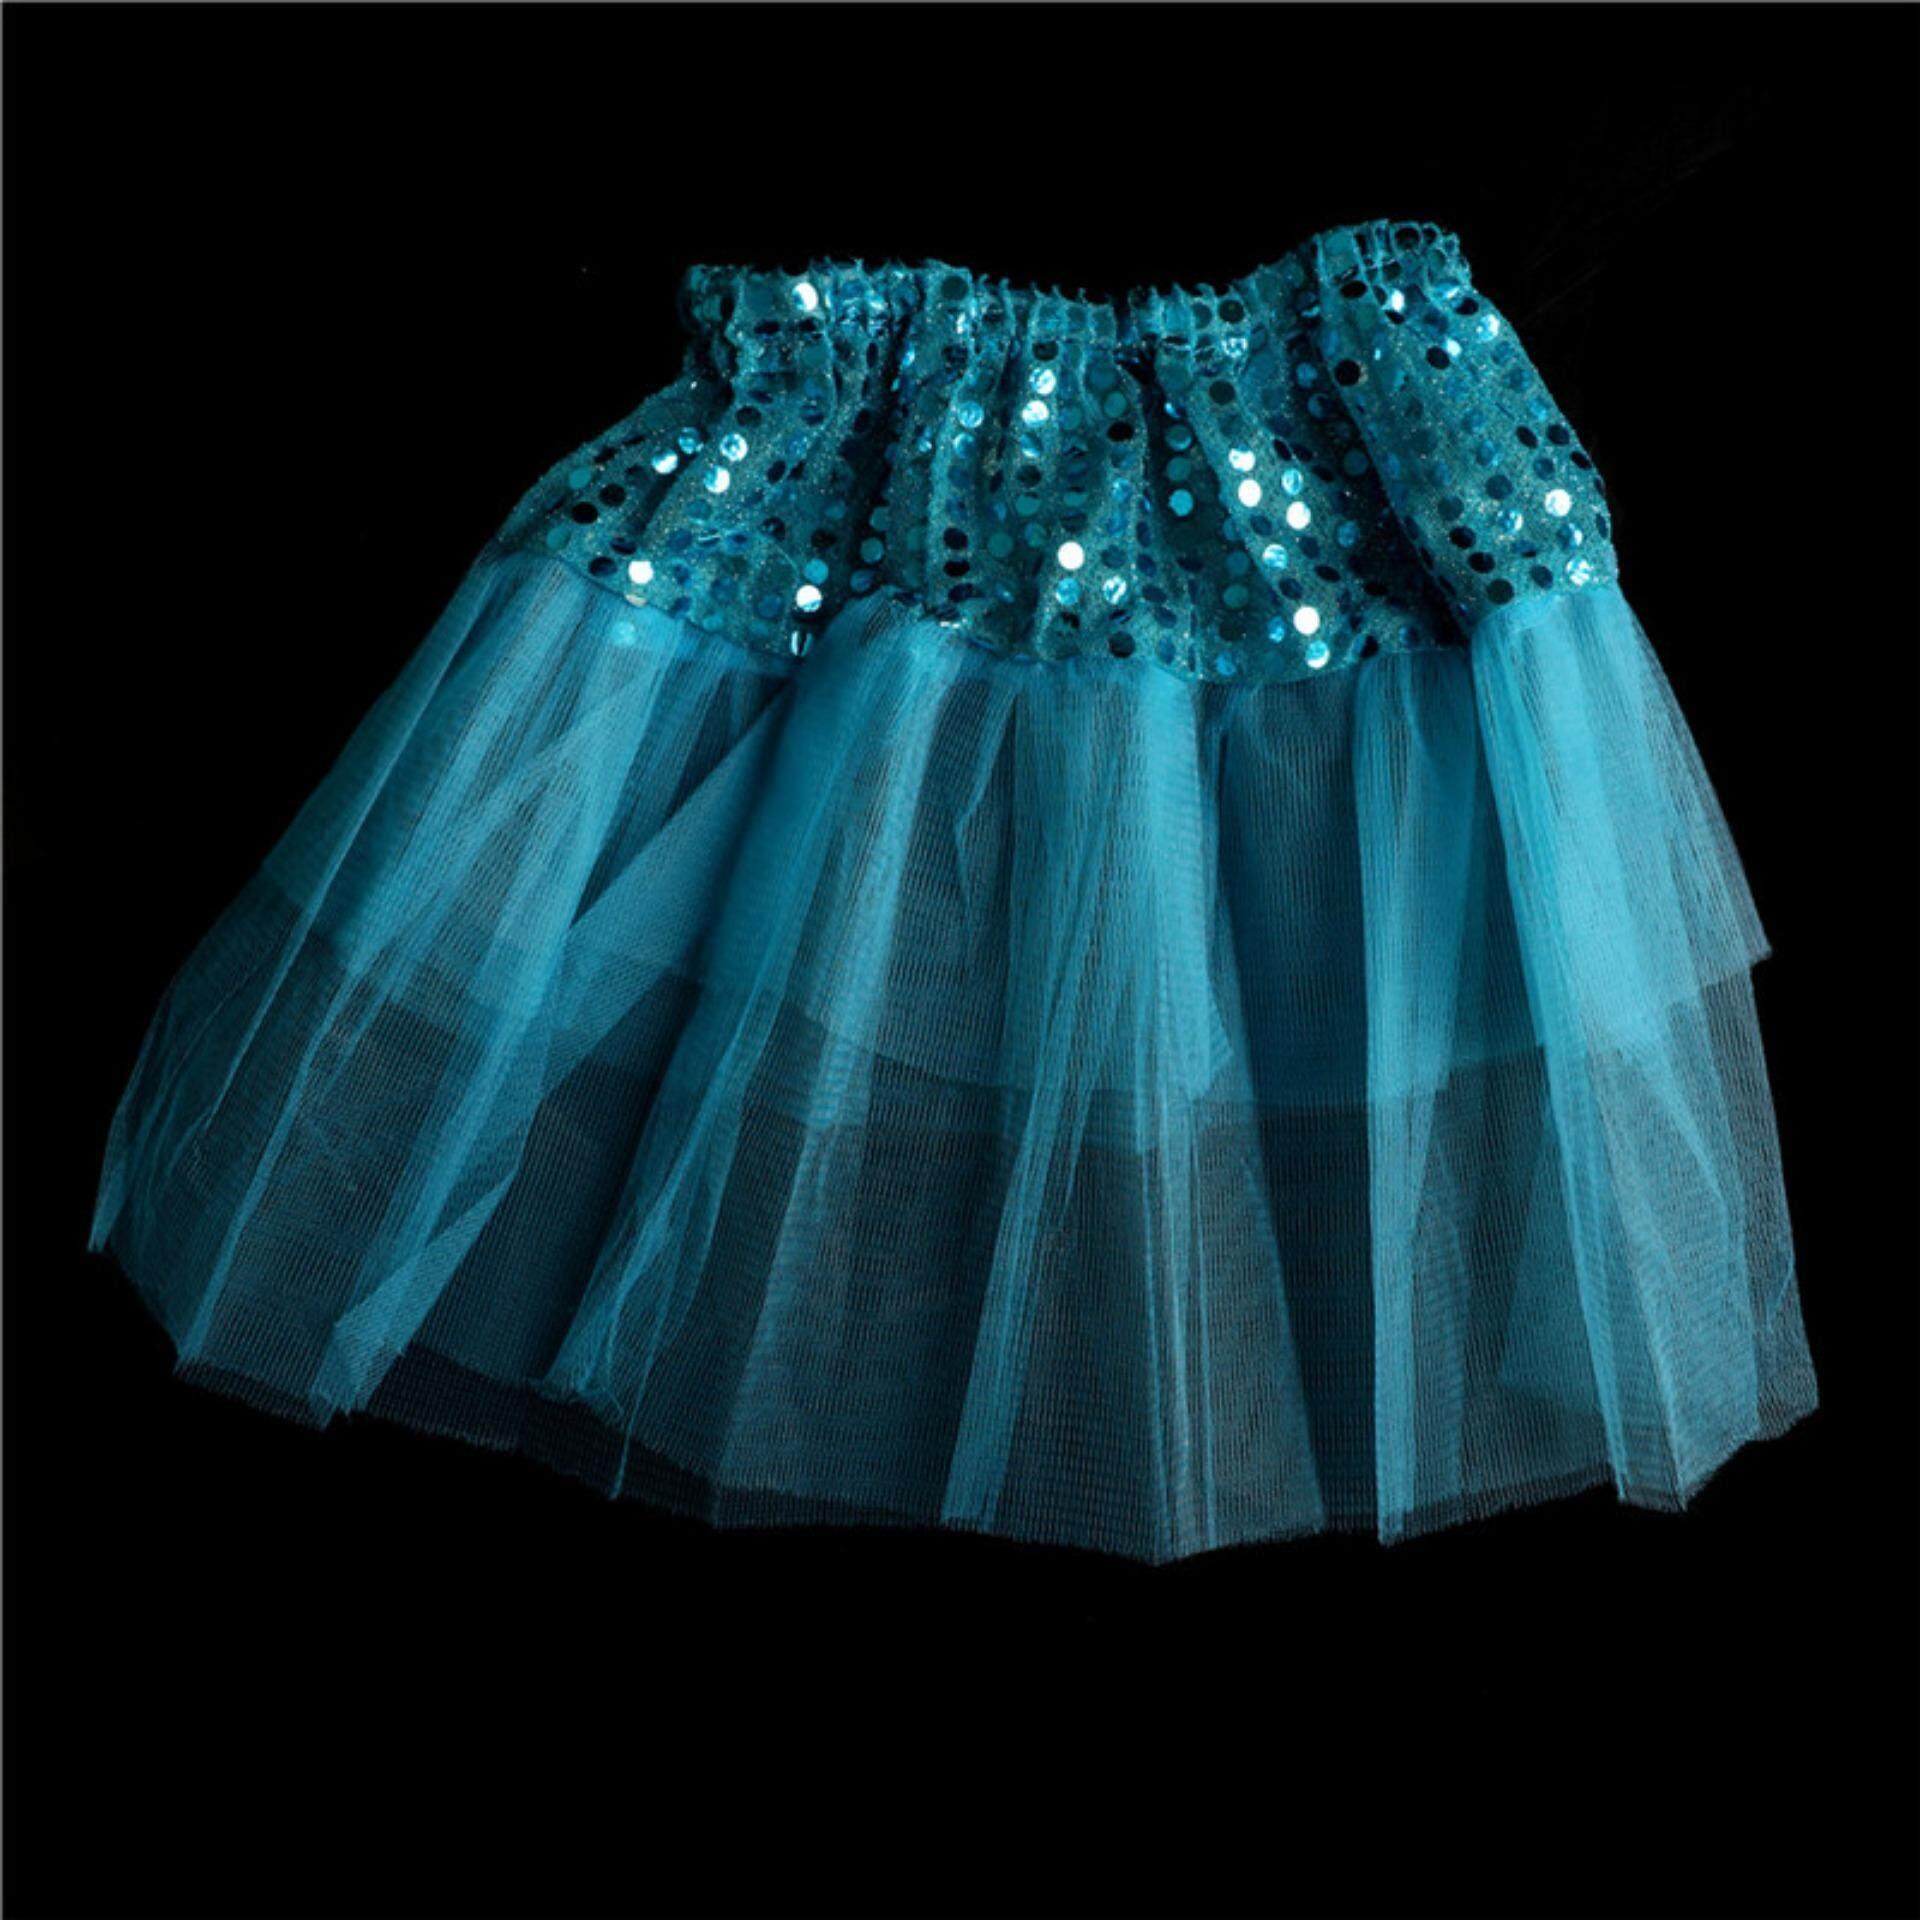 Princess Tutu Skirt Girls Kids Party Ballet Dance Wear Pettiskirt Dress Clothes By Magical House.